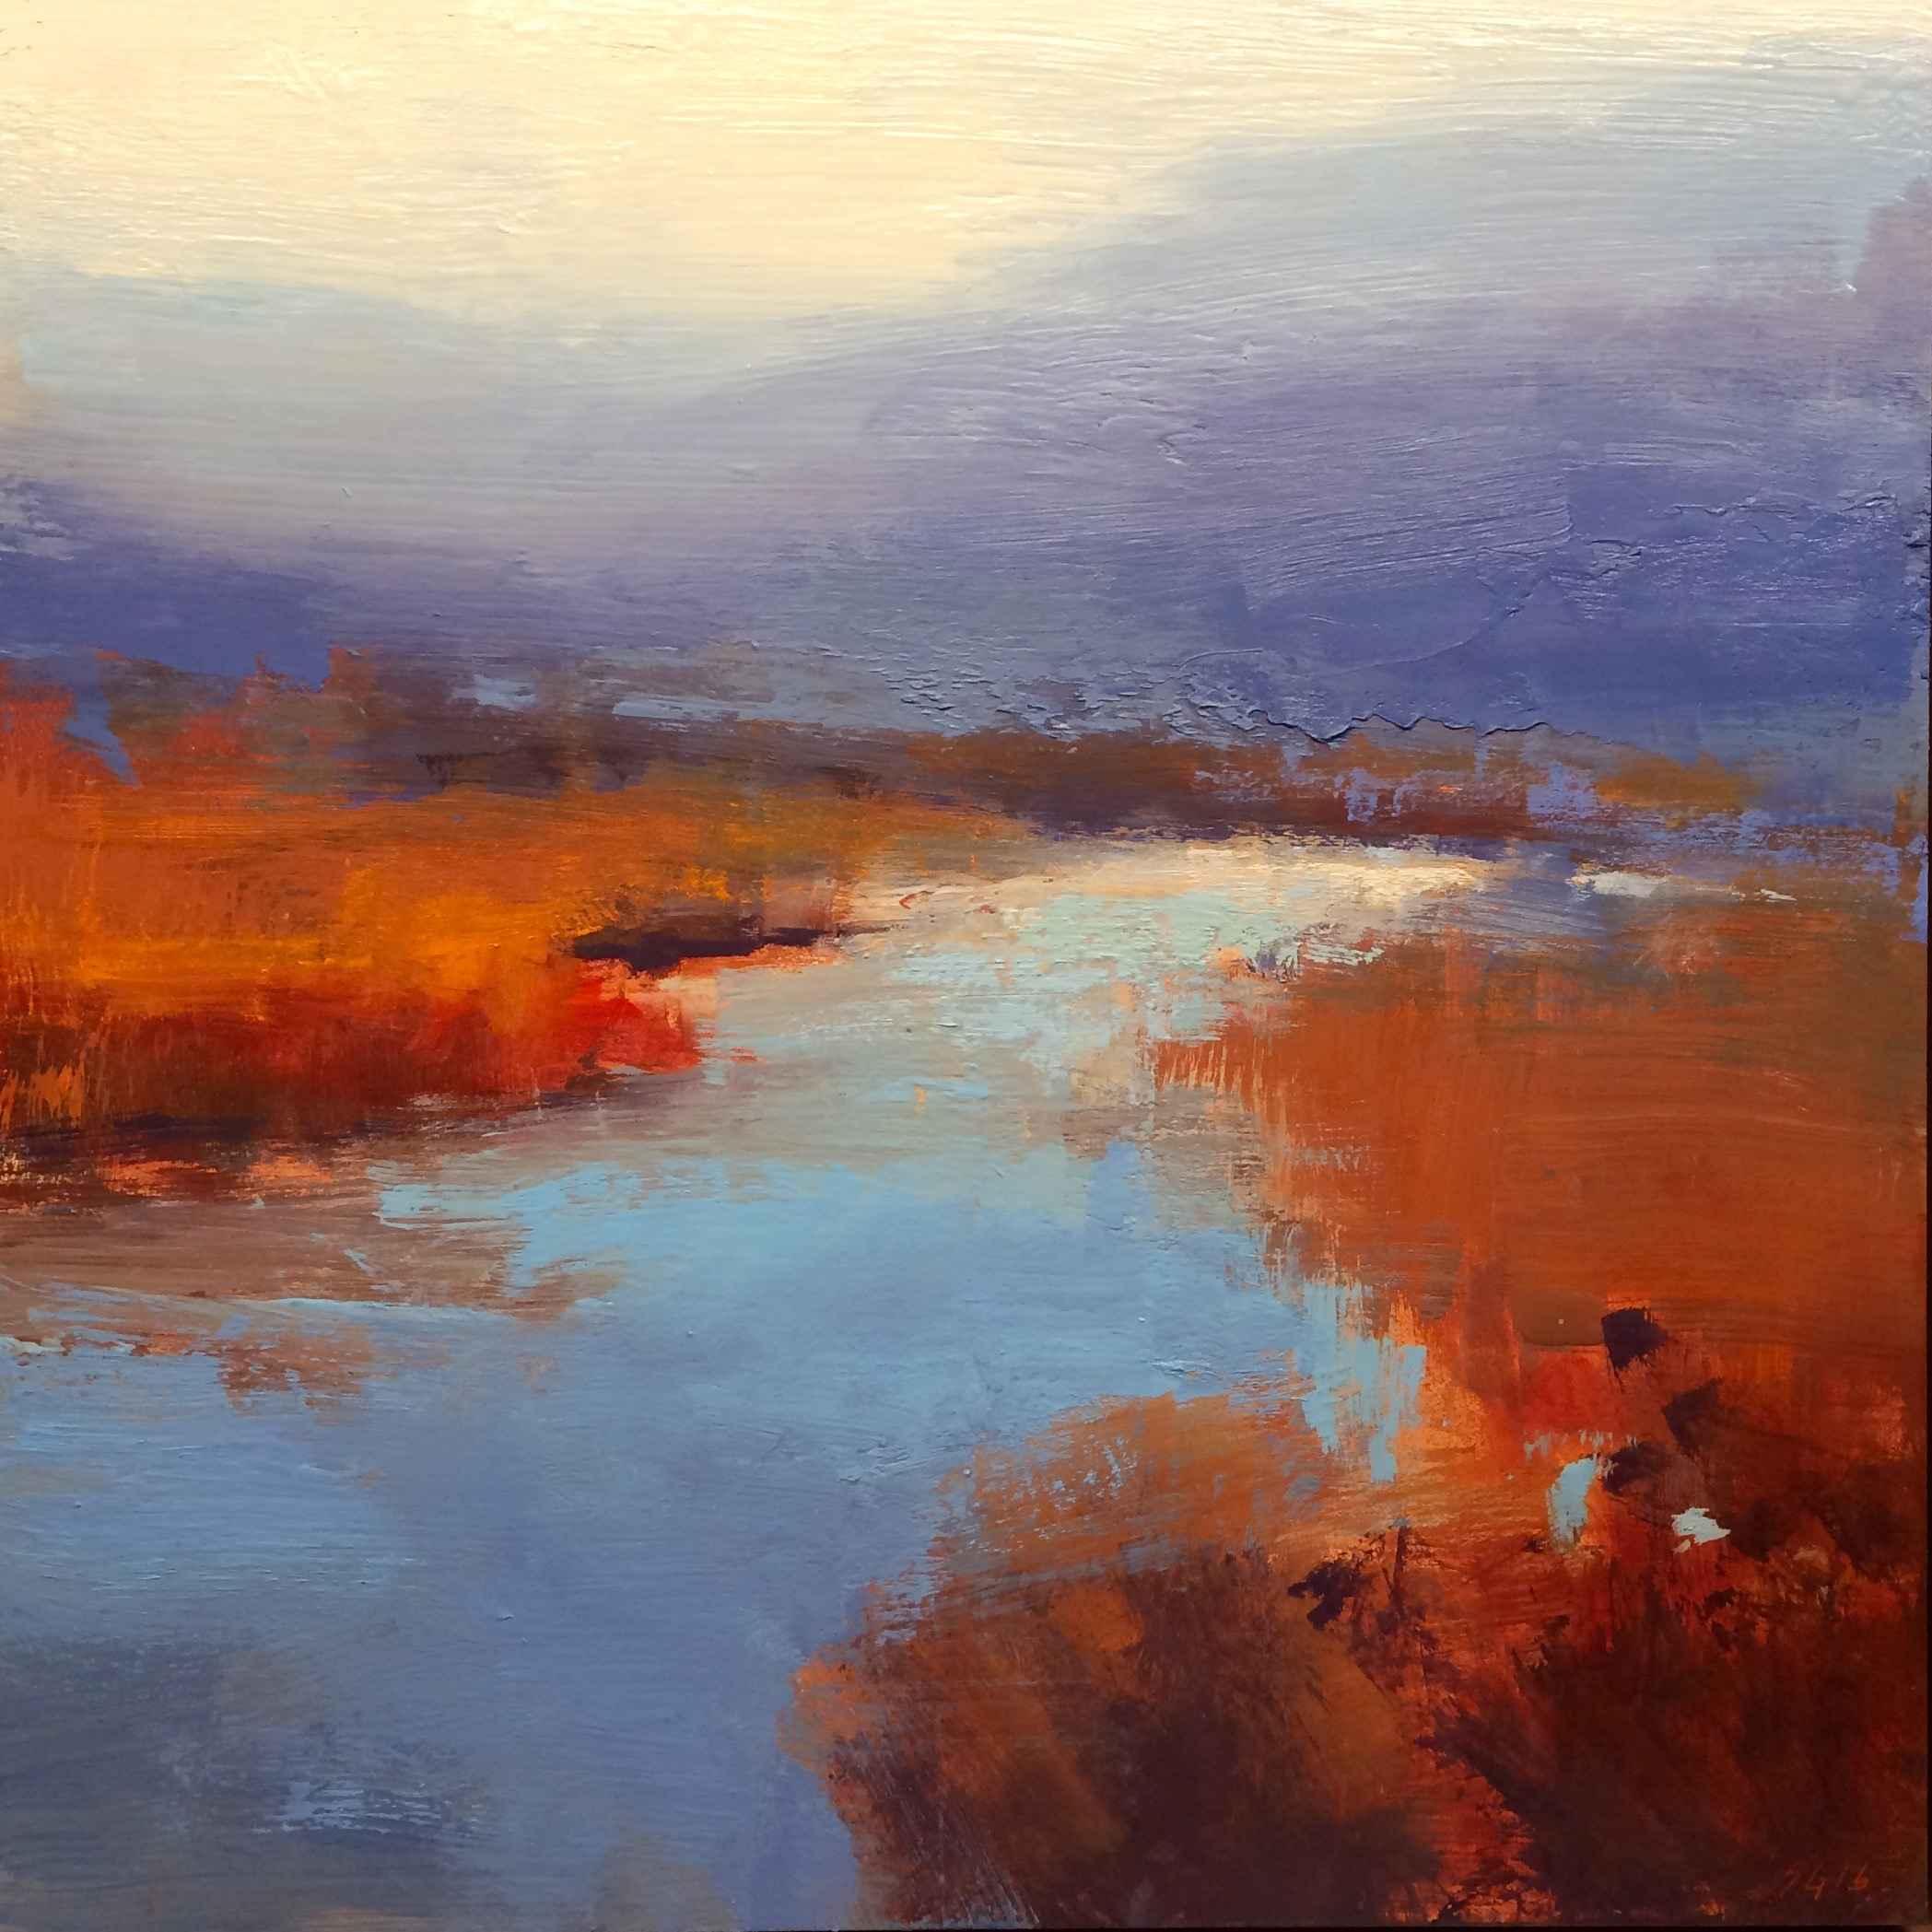 River's Path by  Scott Gellatly - Masterpiece Online